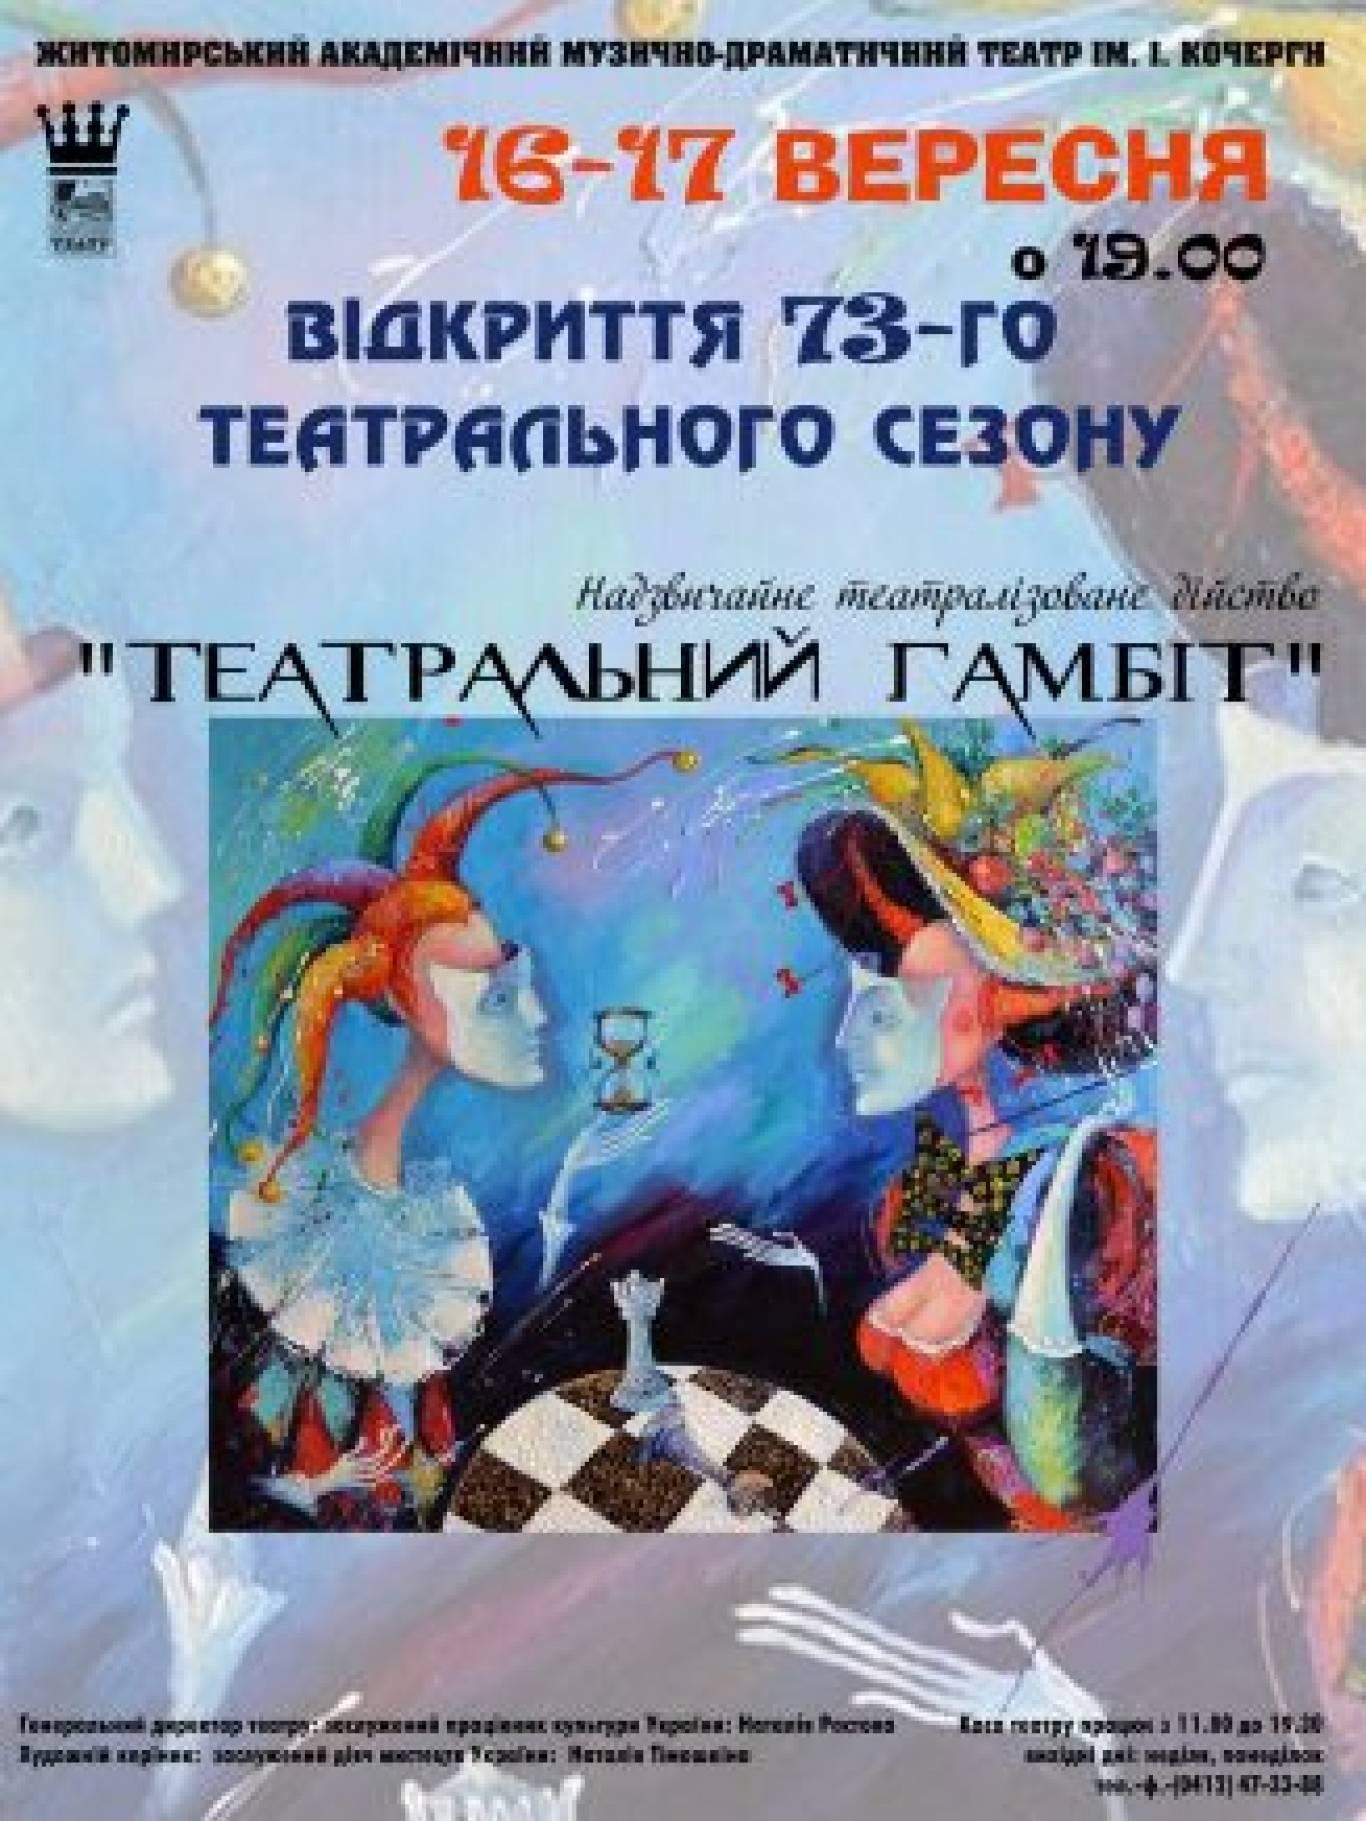 Театральний гамбіт